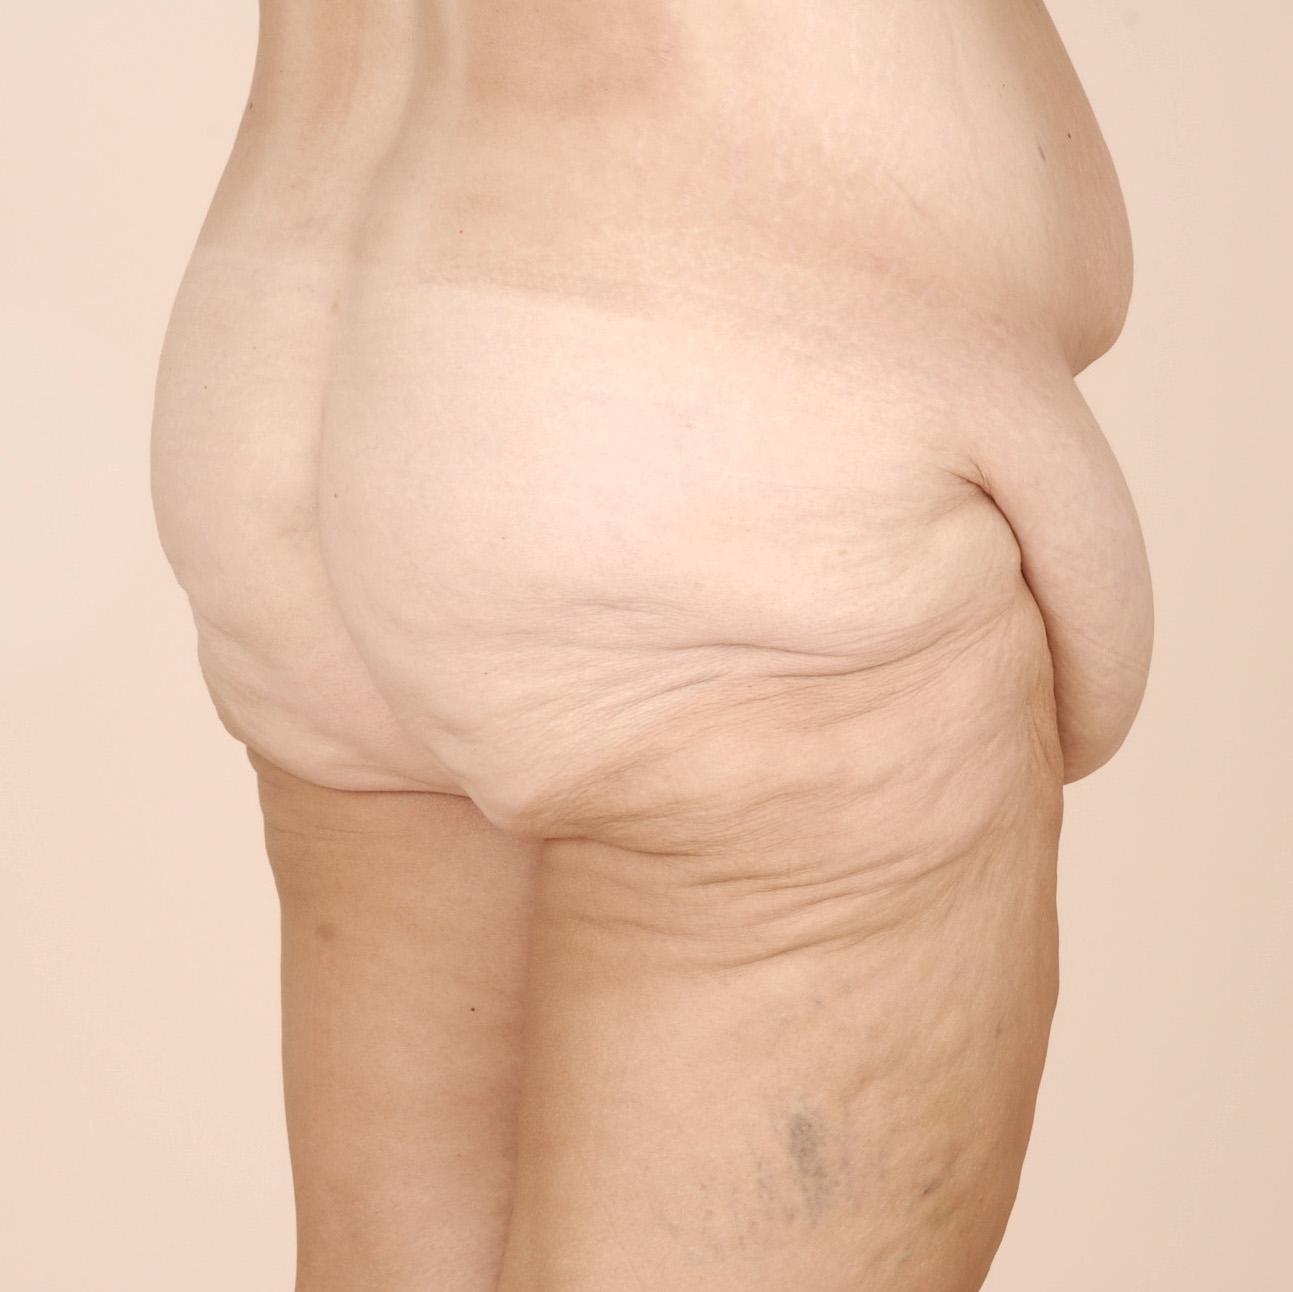 pre operative right posterior